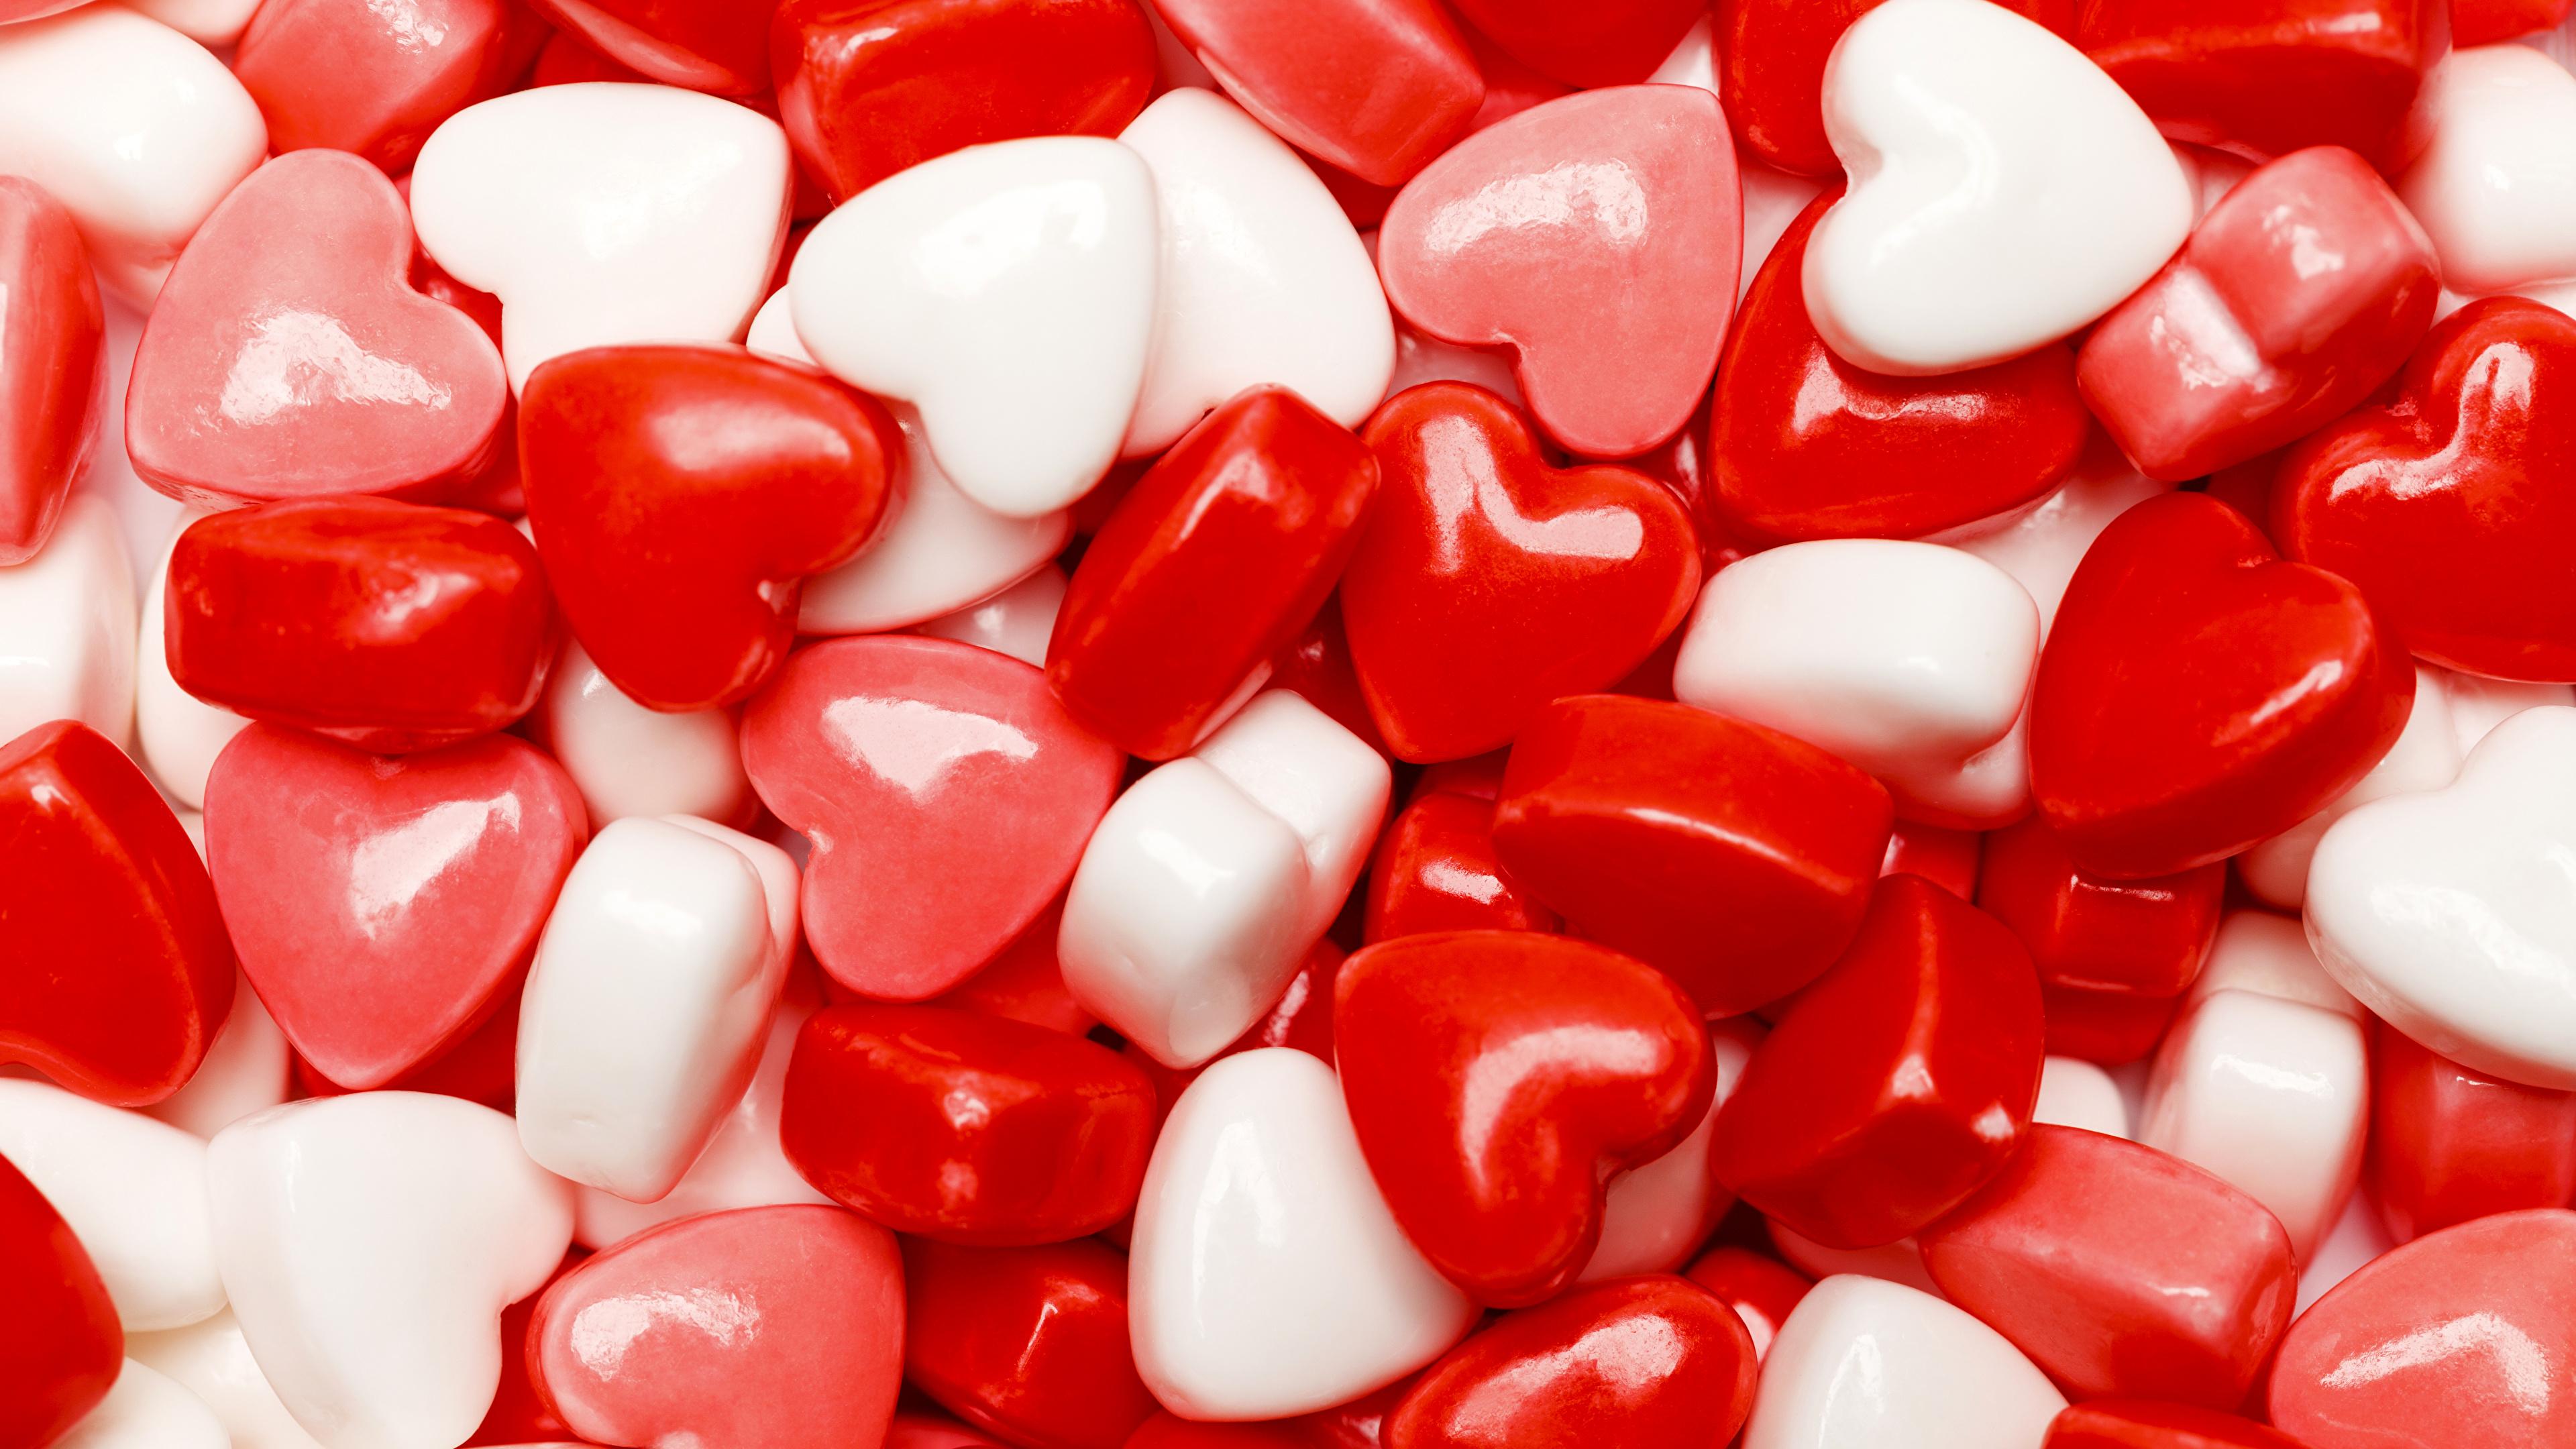 Bilder Alla hjärtans dag Hjärta Klubbor Mat Sötsaker 3840x2160 godisklubba söt mat